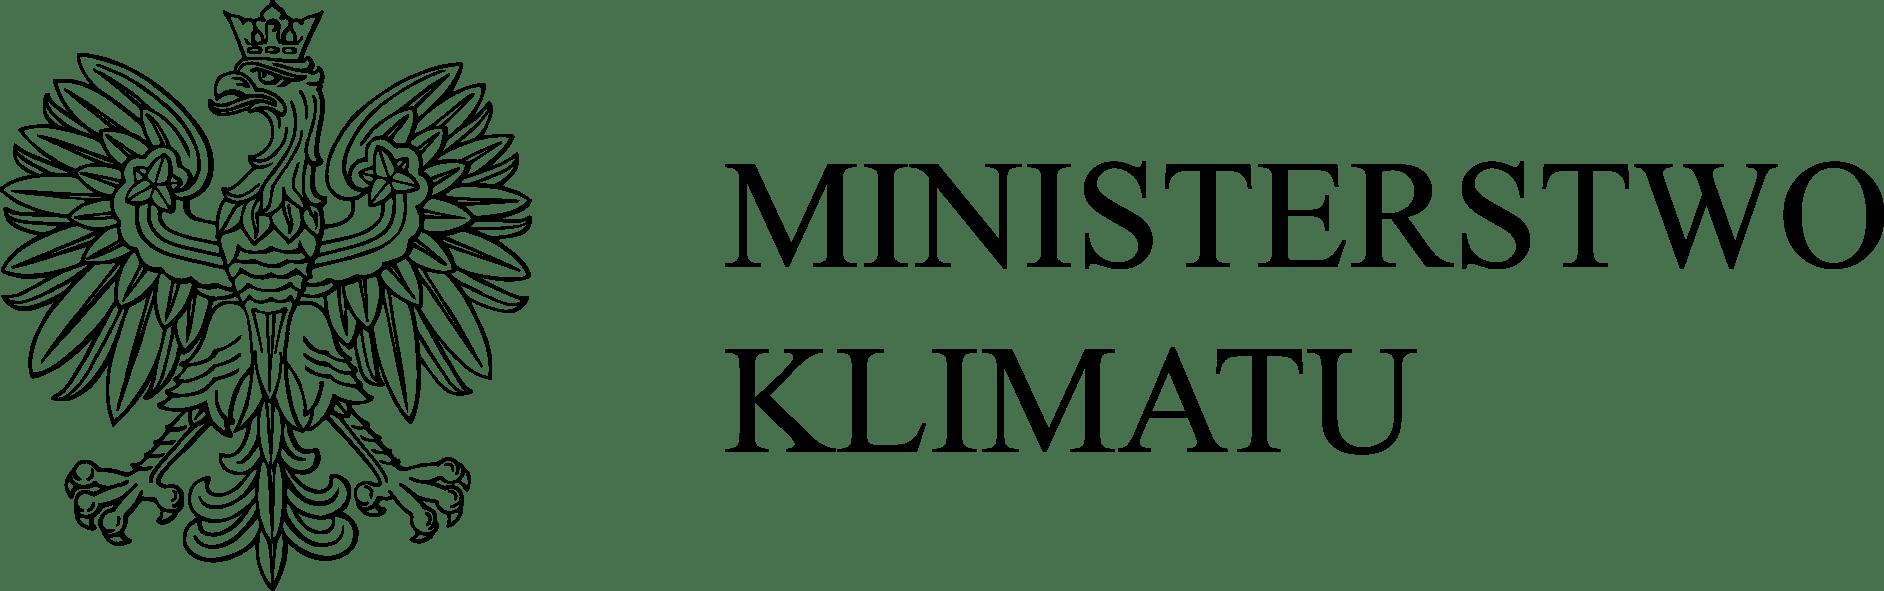 artykuł Ministerstwo klimatu